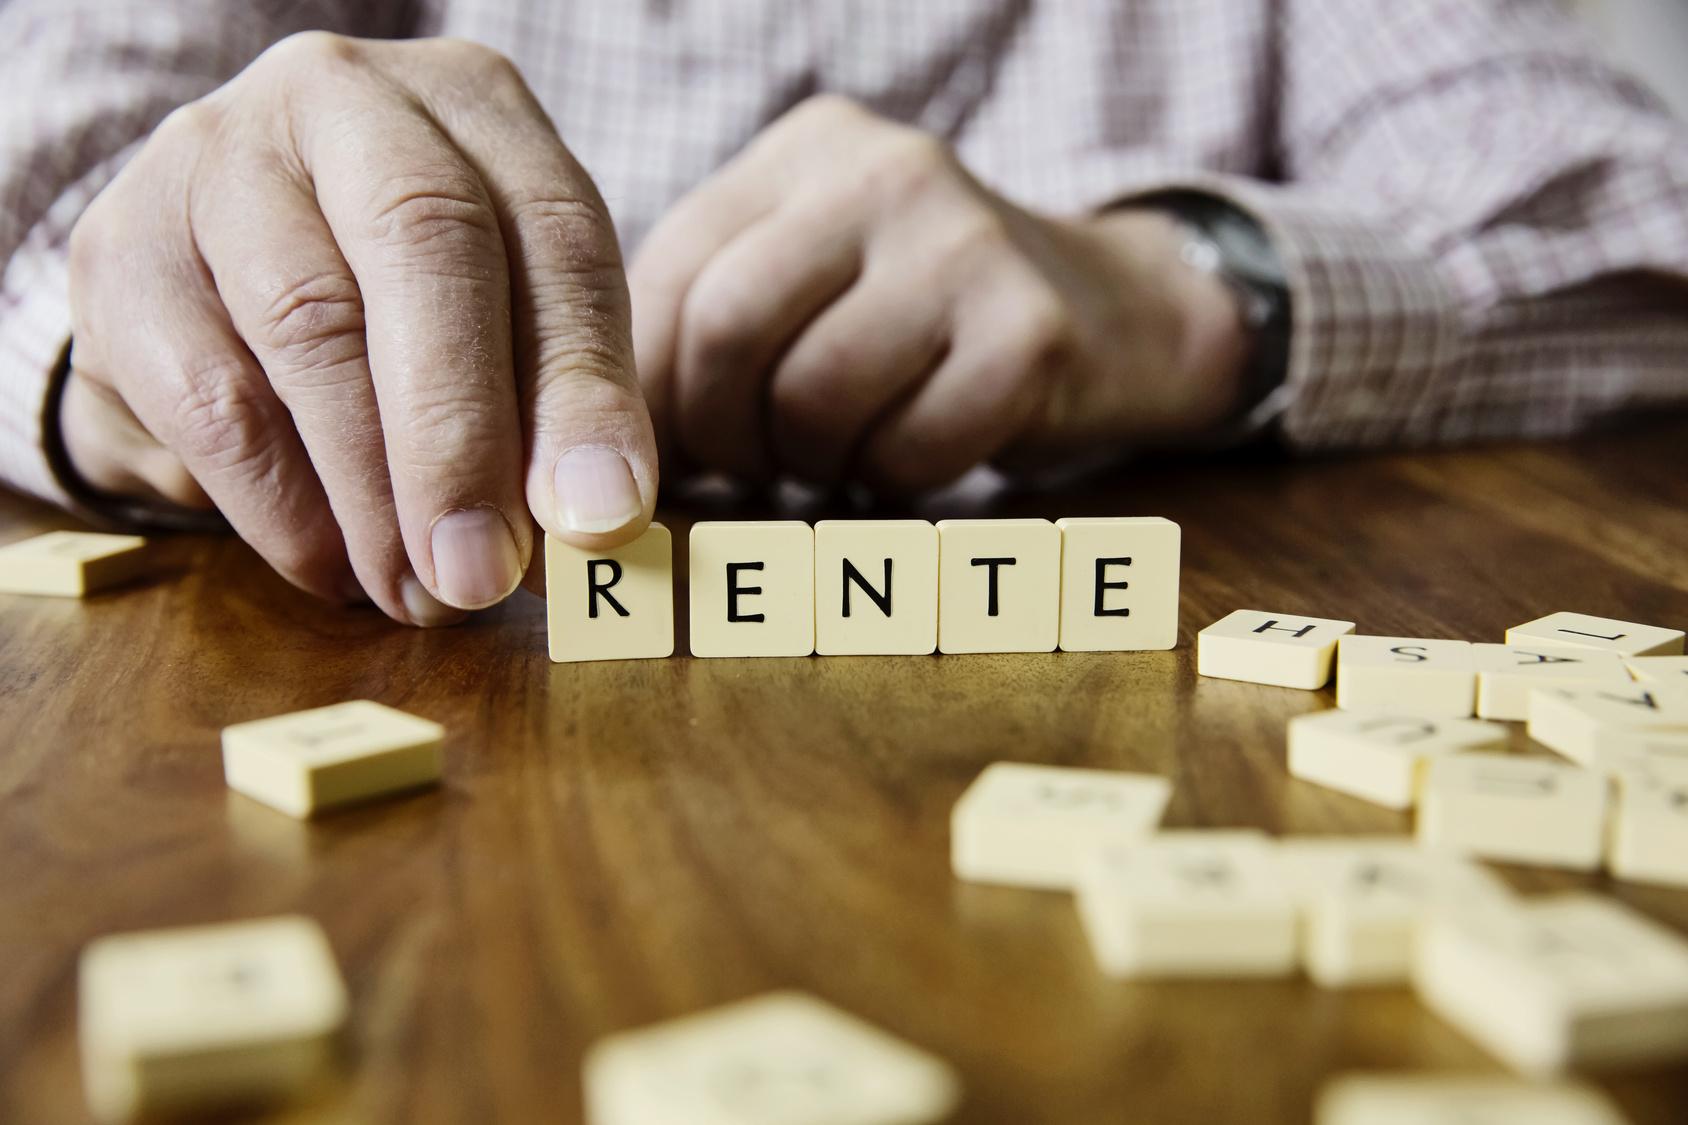 Rentenerhöhung 2017 Darum kommt die Erhöhung für manche erst später!